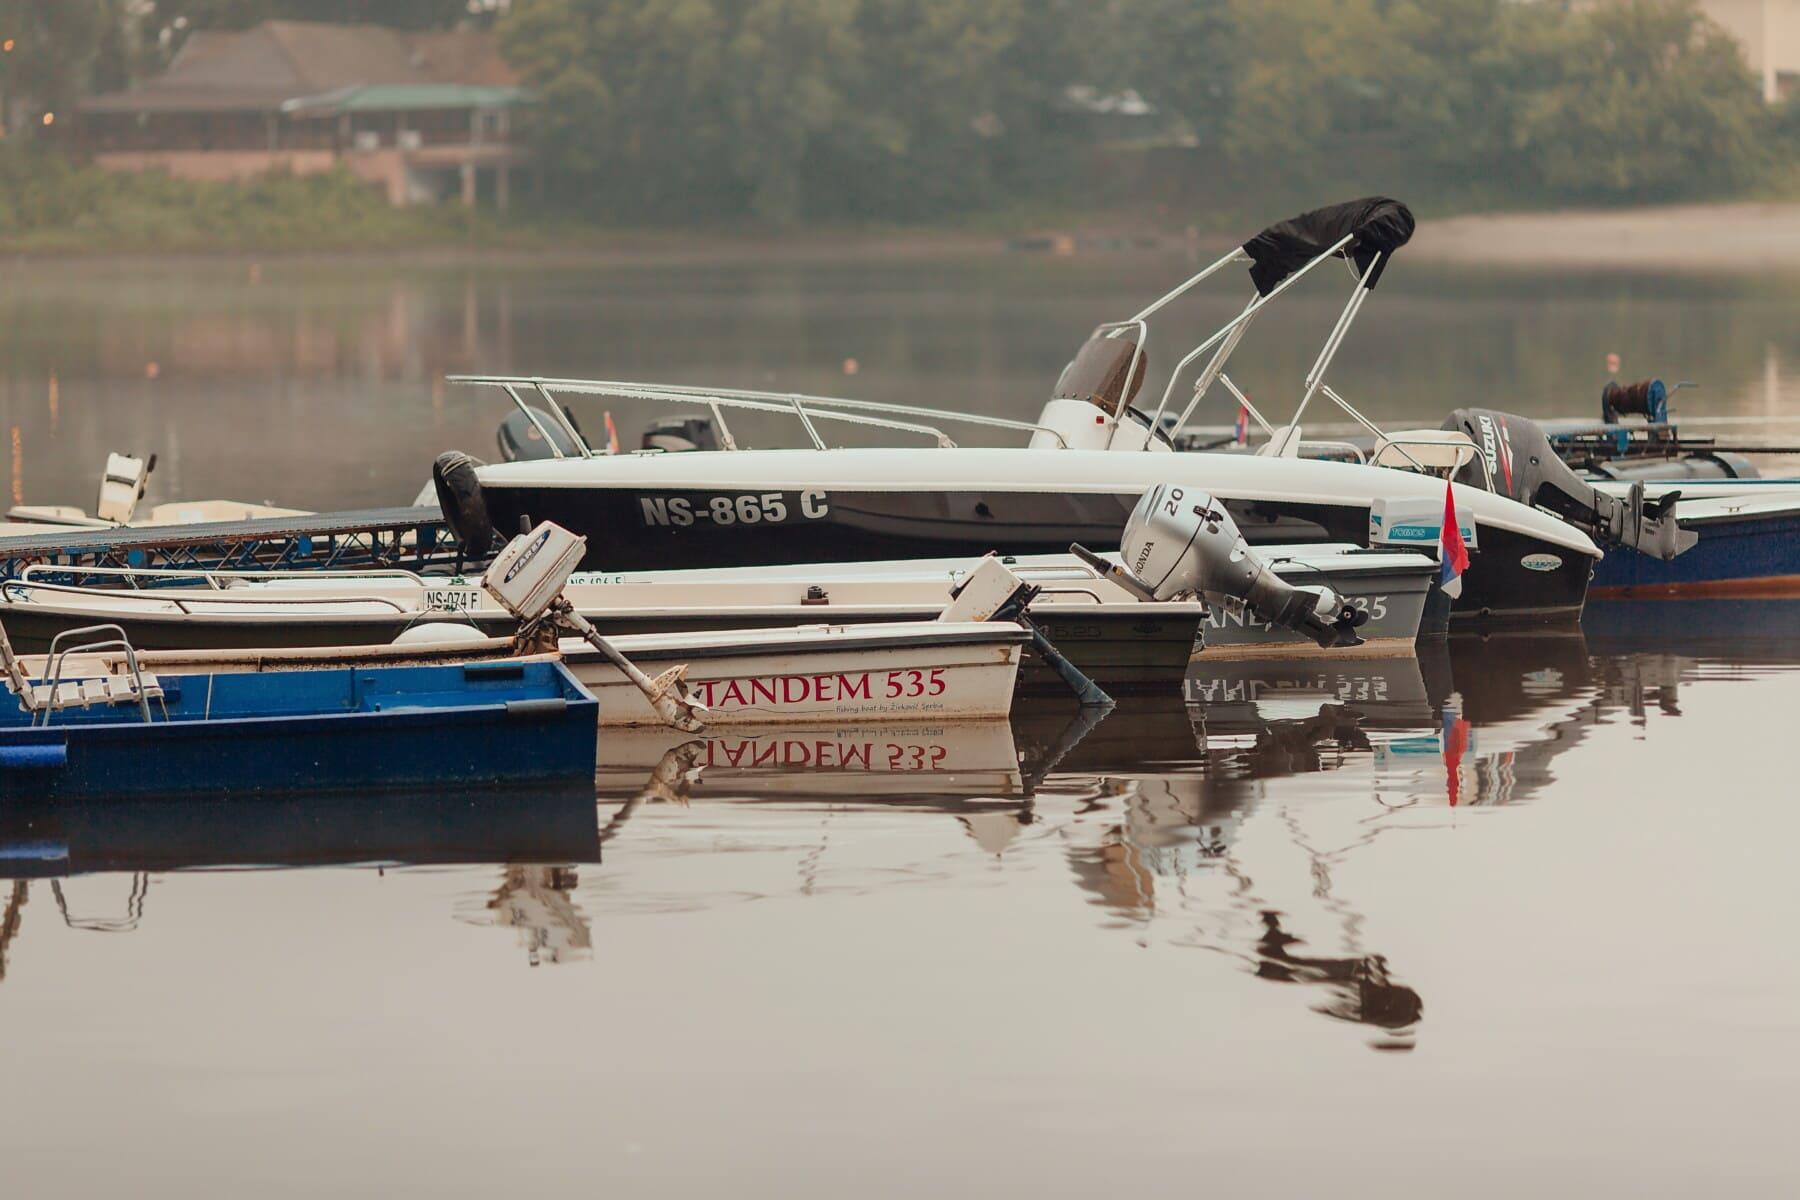 Motorboot, Propeller, mit dem Schnellboot, Hafen, am See, Fahrzeug, Wasser, Boot, Wasserfahrzeuge, Fluss